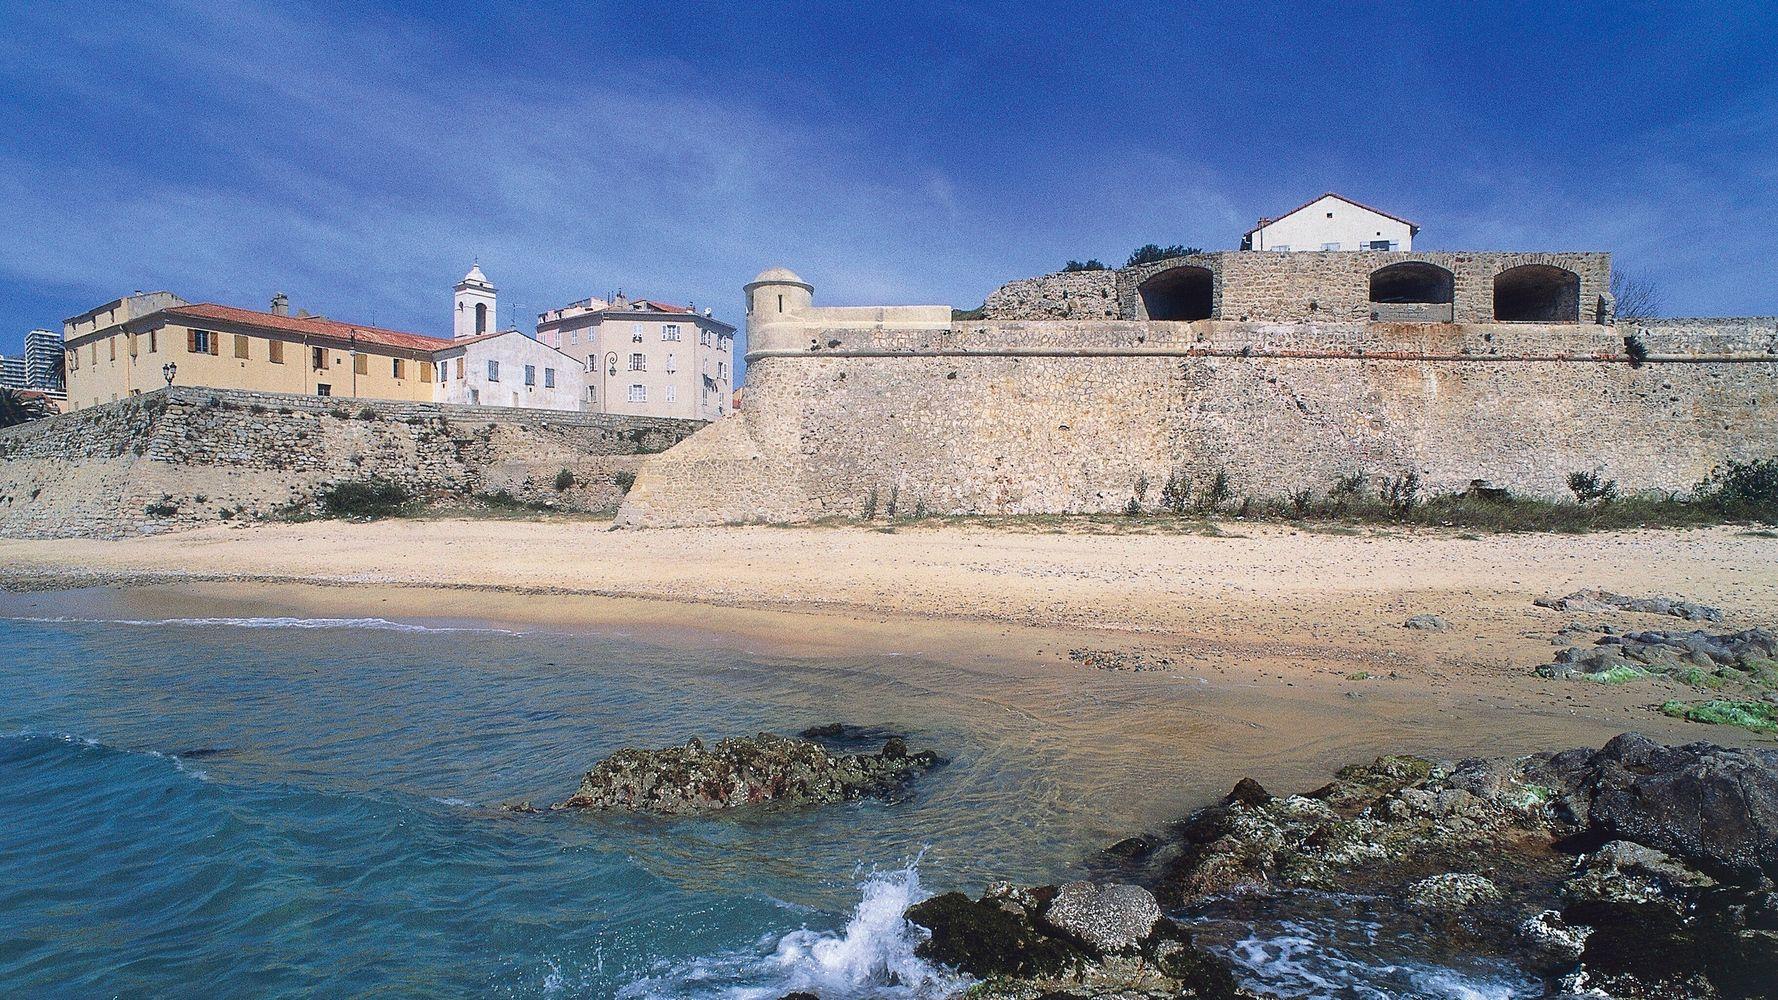 La citadelle d'Ajaccio ouvre enfin au public, 530 ans après